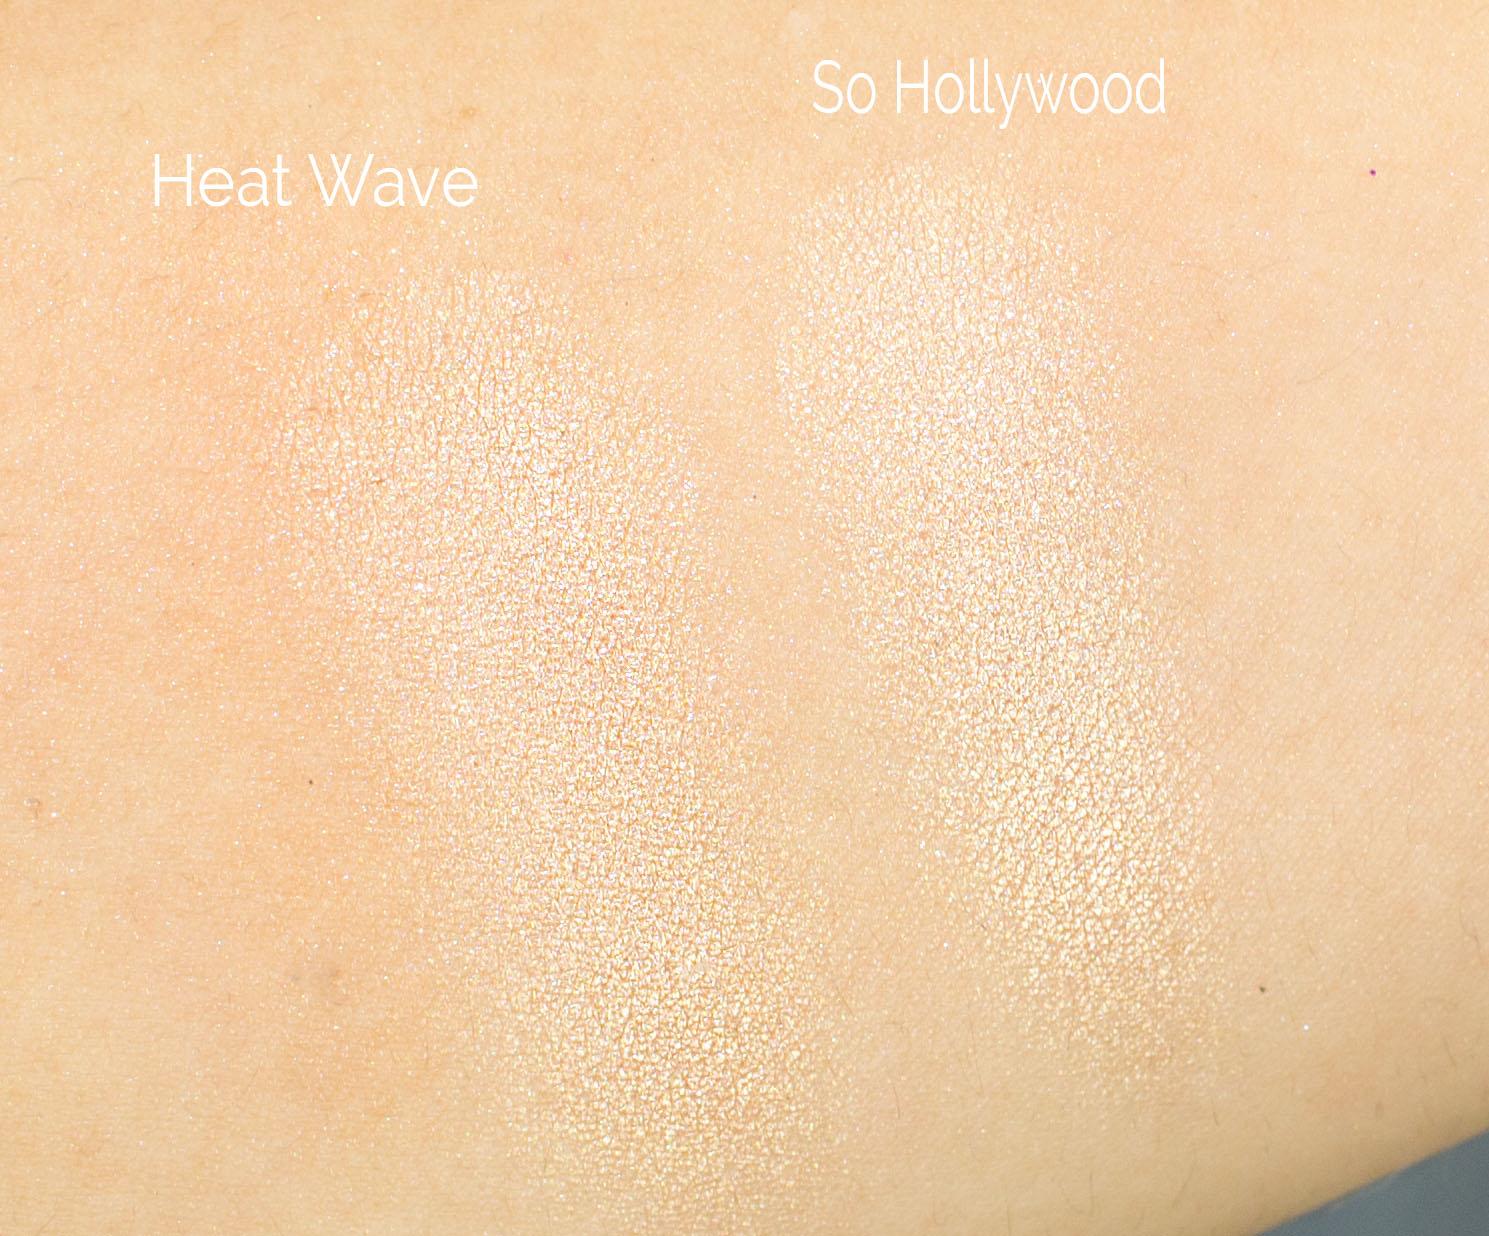 so hollywood vs heat wave